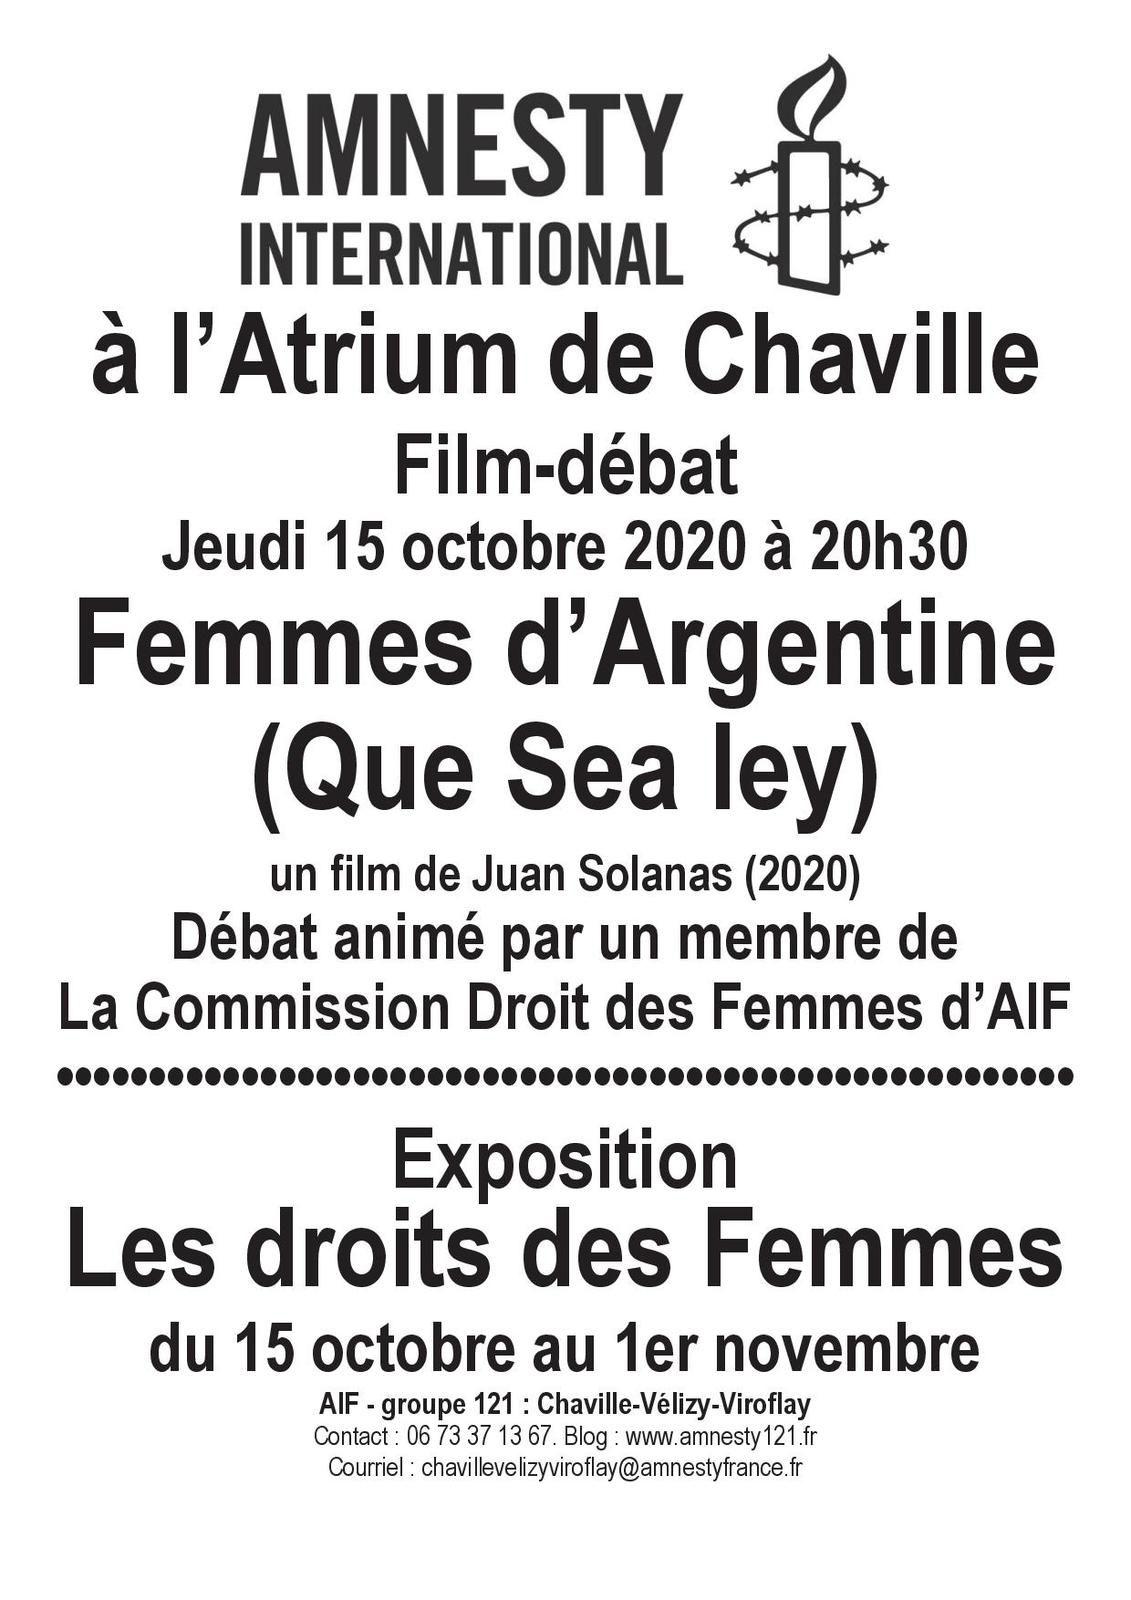 """Chaville, 15 octobre, Ciné-débat """"Femmes d'Argentine"""" (Que Sea ley)"""